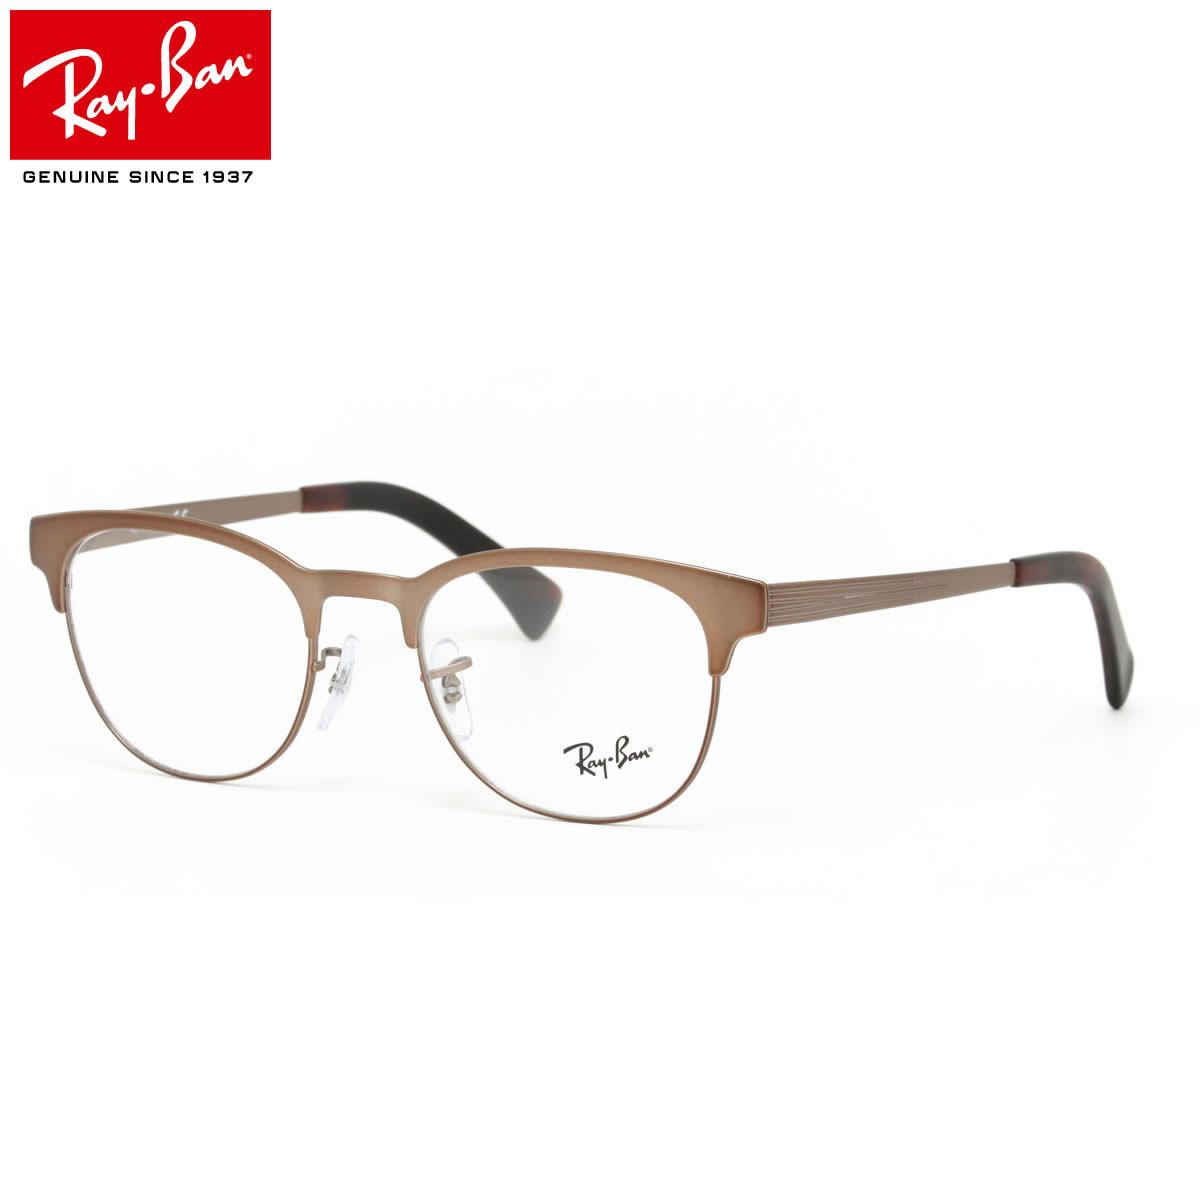 レイバン メガネ 正規商品販売店 14時までのご注文で即日発送。日本全国送料無料!!ギフトバッグ、コンビニ手数料無料 レイバン メガネ フレーム Ray-Ban RX6317 2836 51サイズ レイバン RAYBAN メンズ レディース